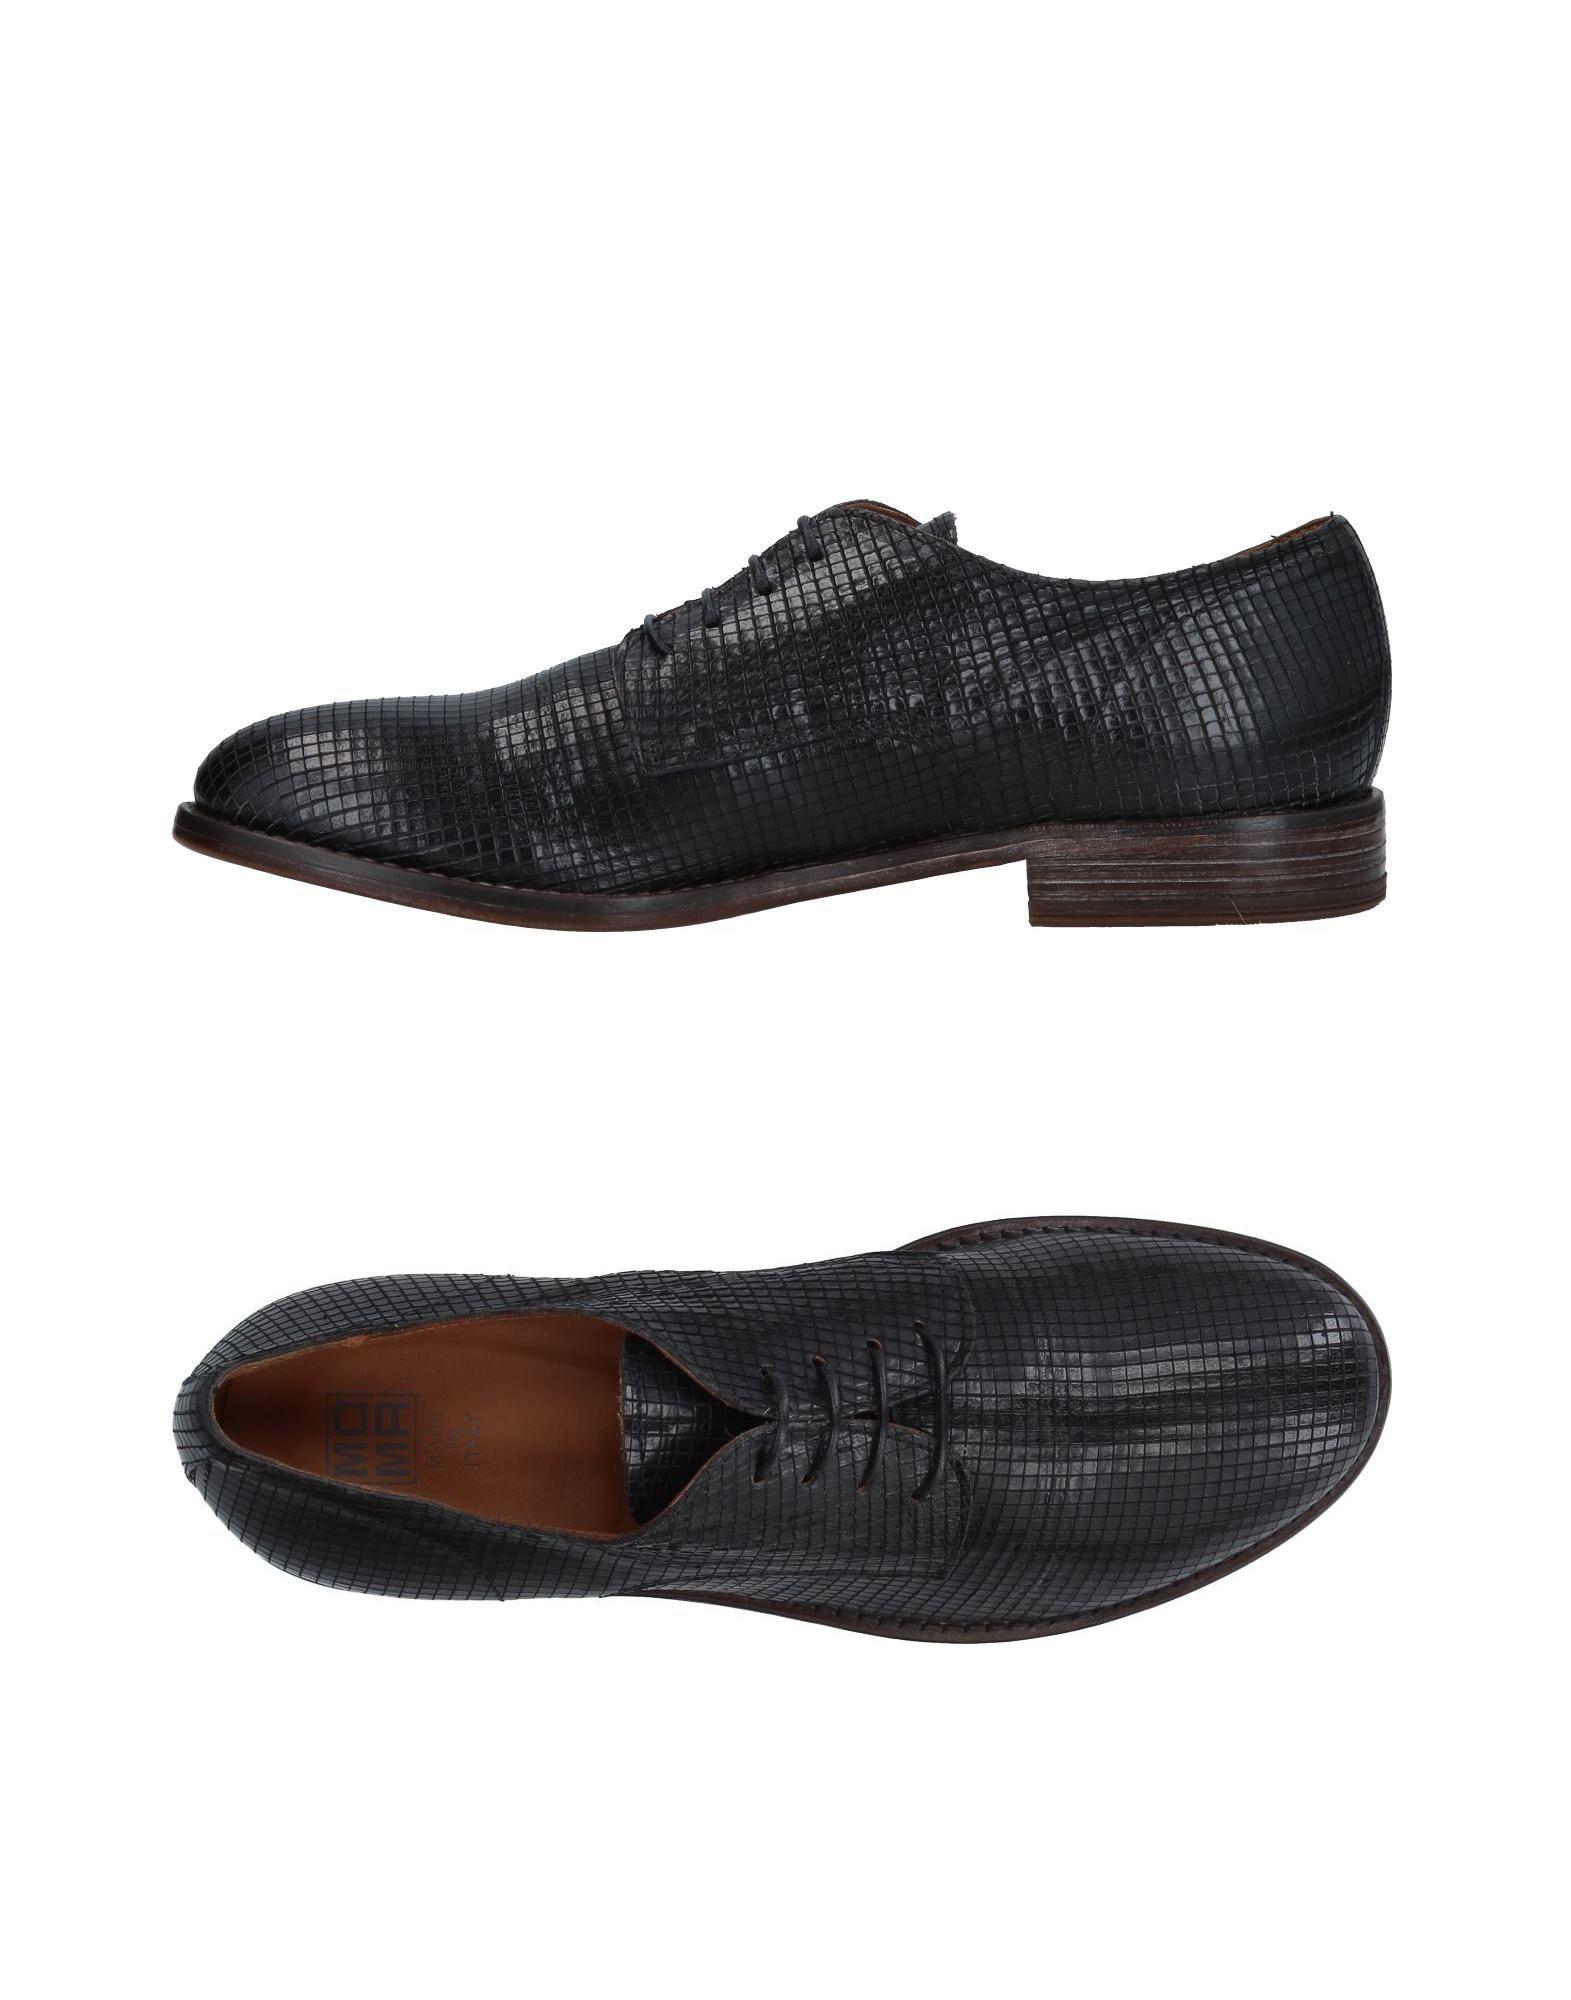 Moma Heiße Schnürschuhe Herren  11411970HT Heiße Moma Schuhe 9edeb6